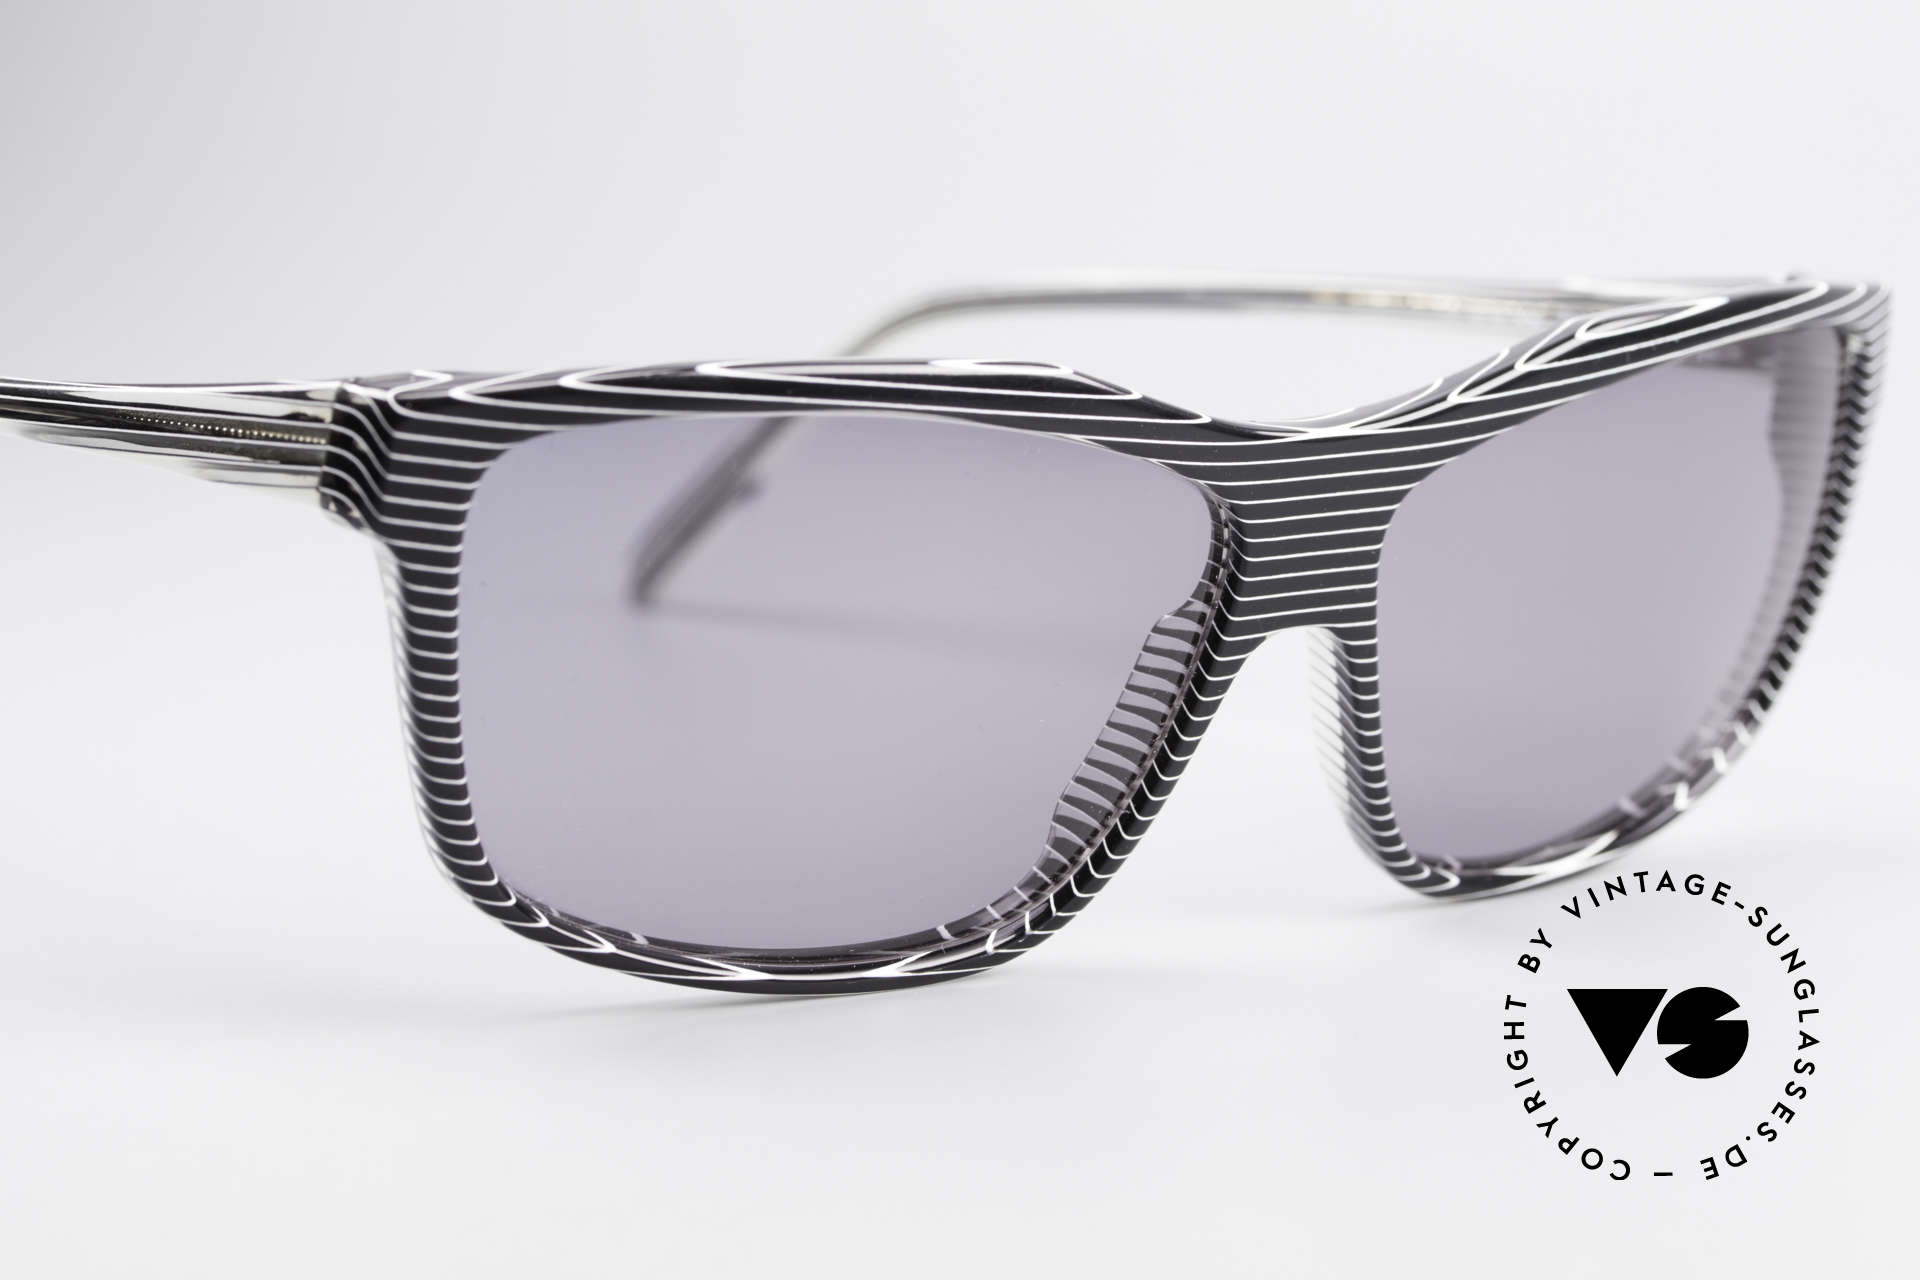 Alain Mikli 701 / 986 Rare 80s Designer Sunglasses, NO retro specs, but a precious 30 years old ORIGINAL, Made for Women